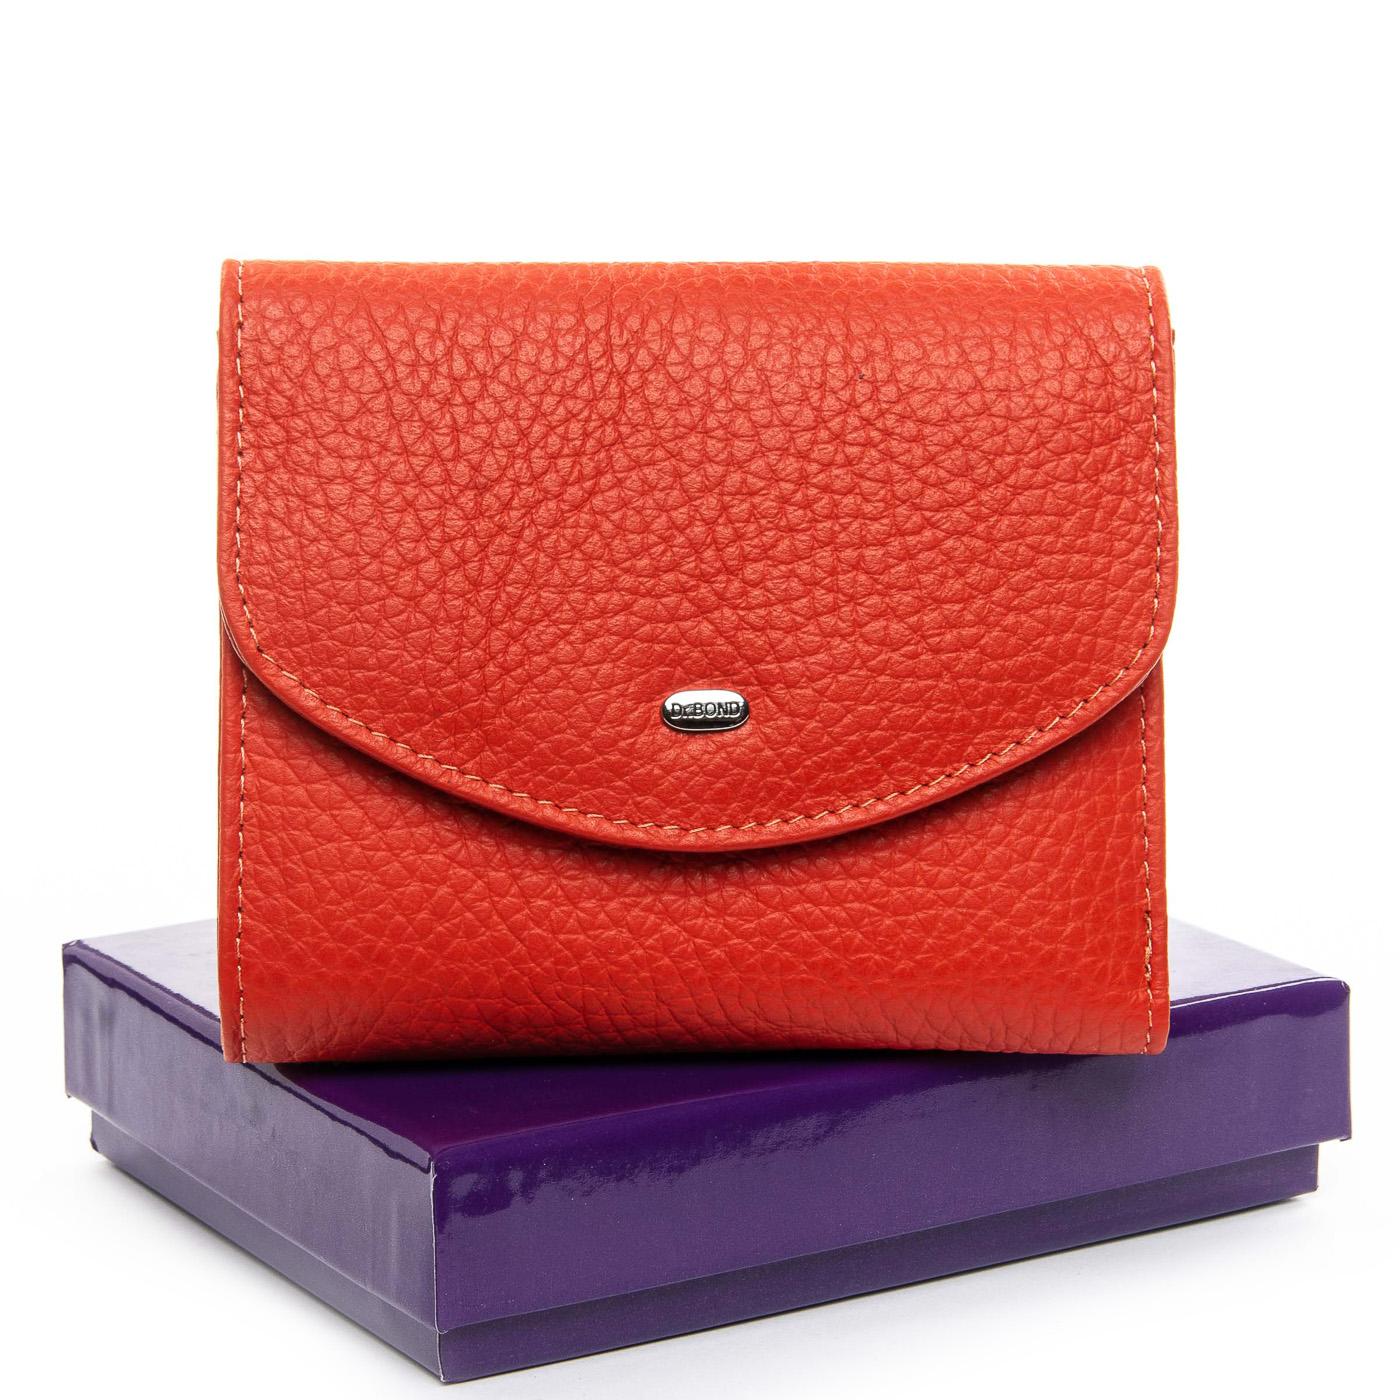 Молодёжный кошелёк «Dr.Bond» оранжевого цвета из мягкой кожи купить. Цена 599 грн